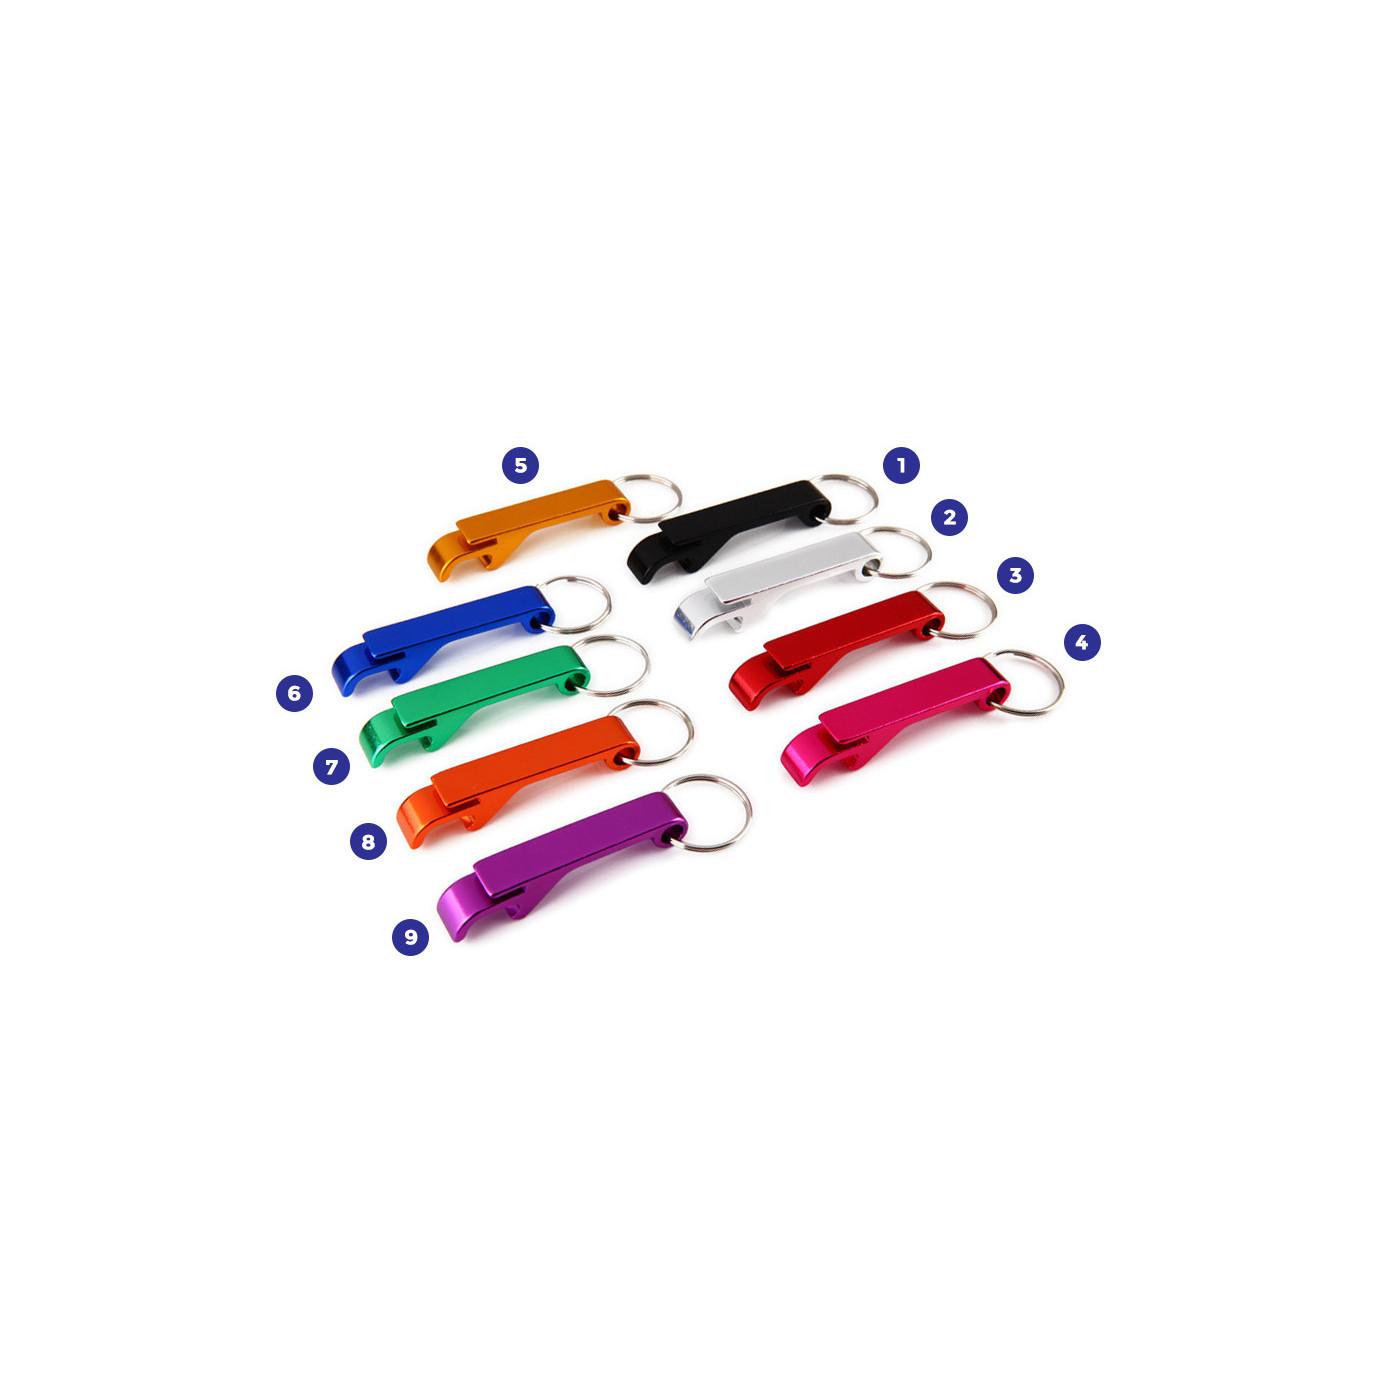 Set van 10 metalen flesopeners, kleur 5: licht oranje